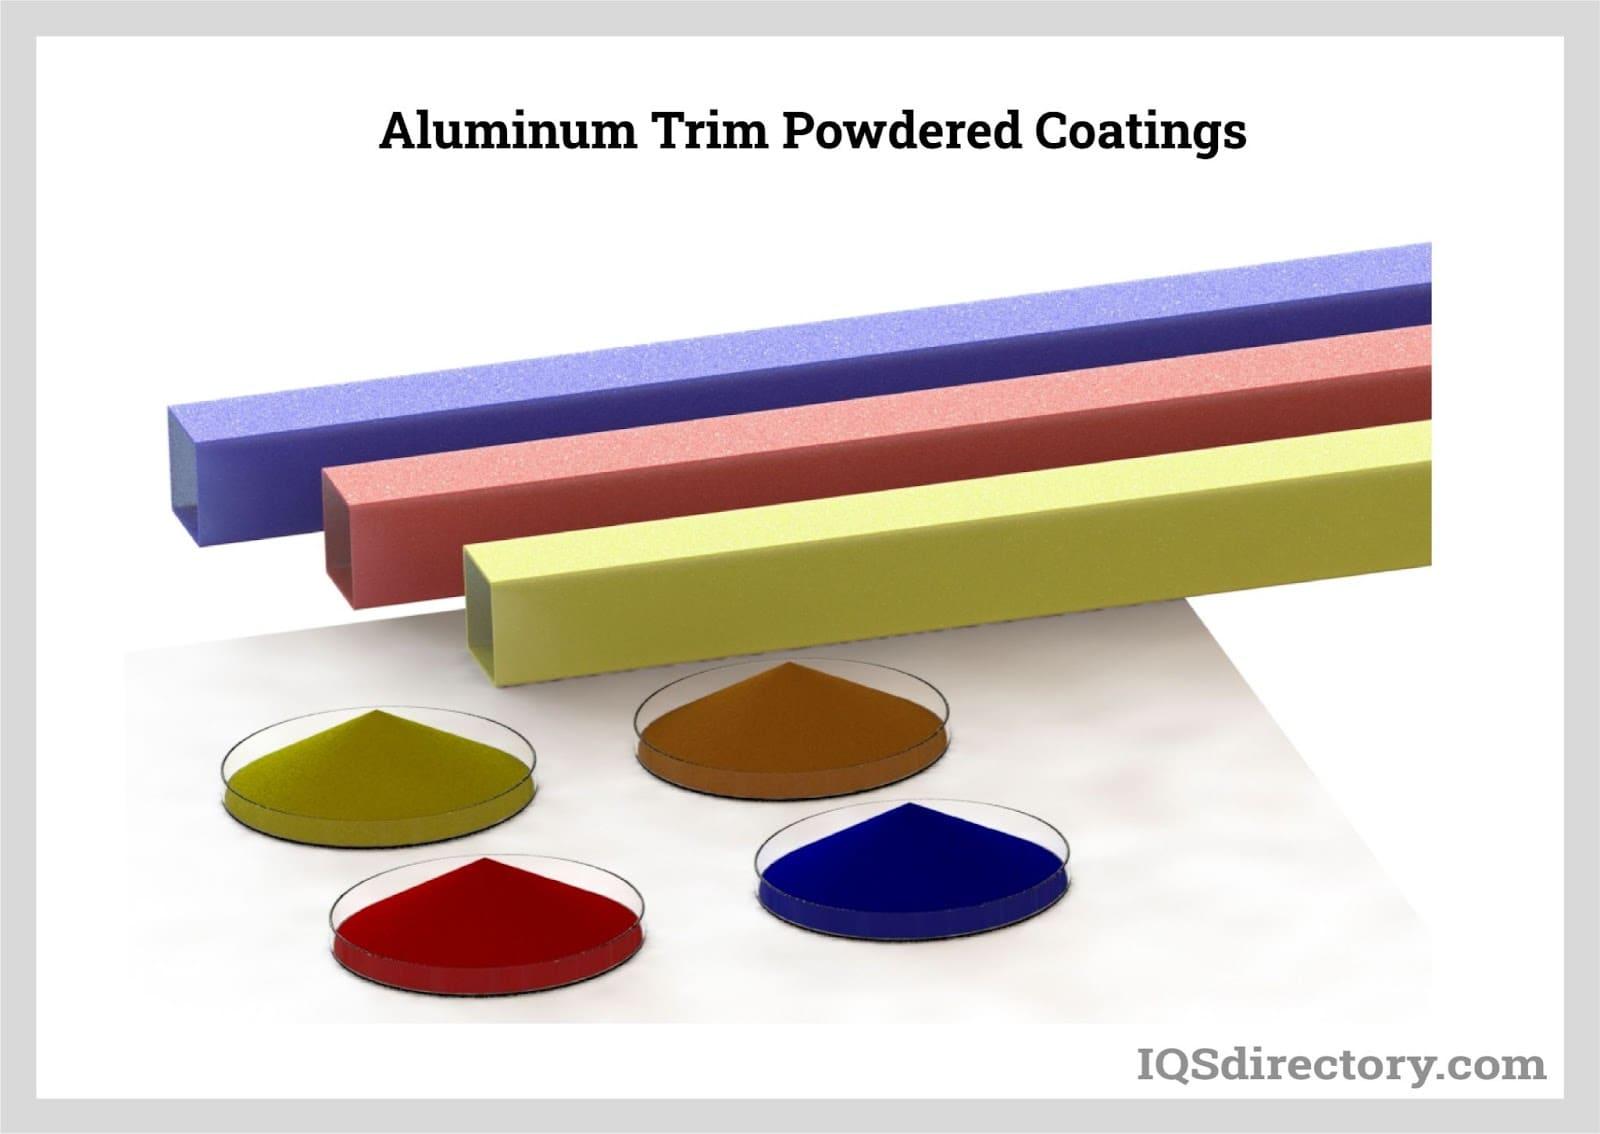 Aluminum Trim Powdered Coatings